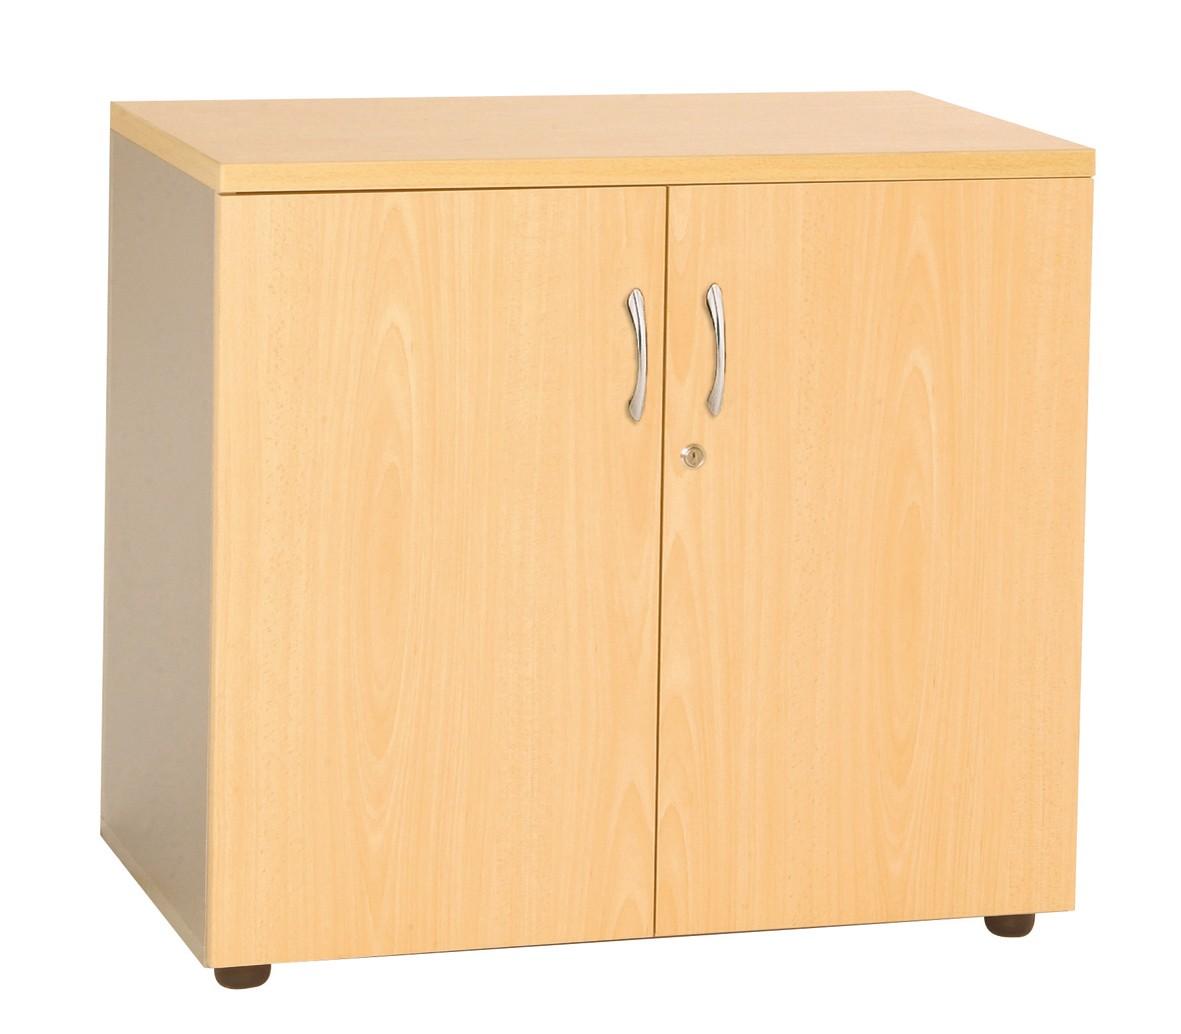 Armoire basse  Achat armoires bois  219,00€ # Catalogue Armoire Fait En Bois